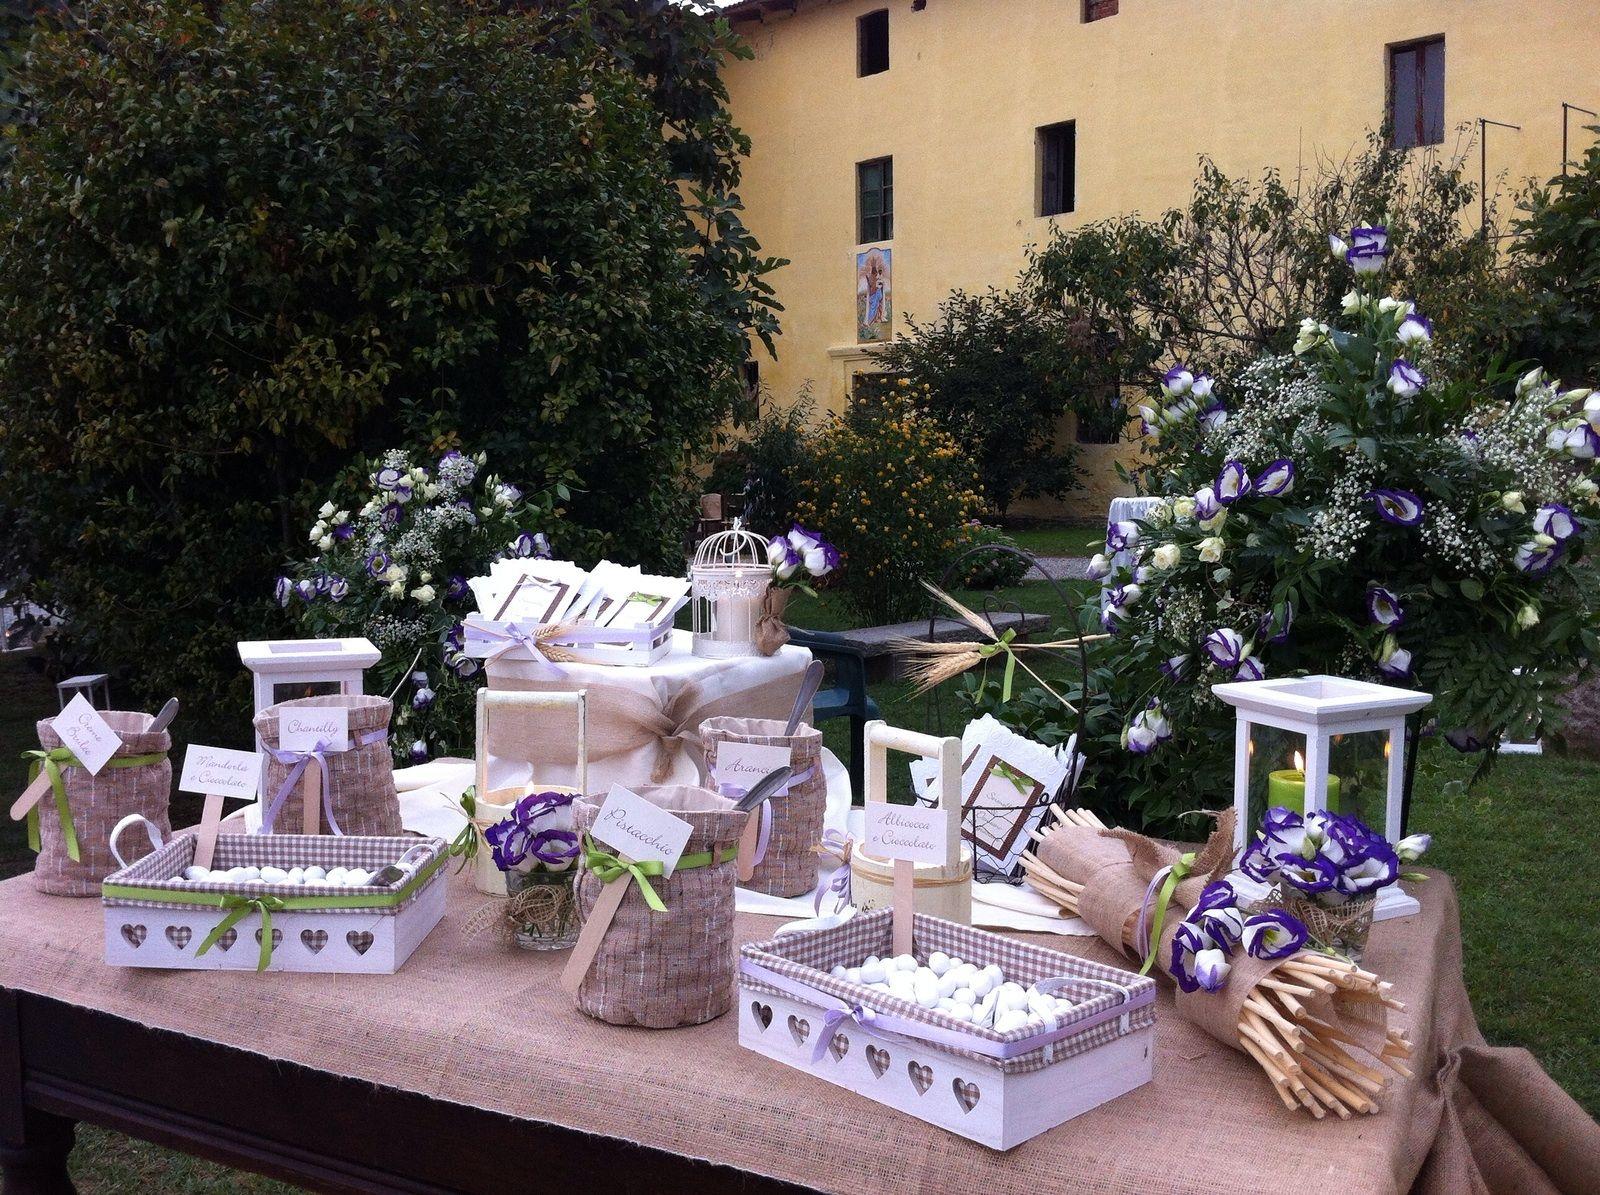 Tavolo sposi ~ Tavolo confettata per matrimonio country www.stampaecrea.it